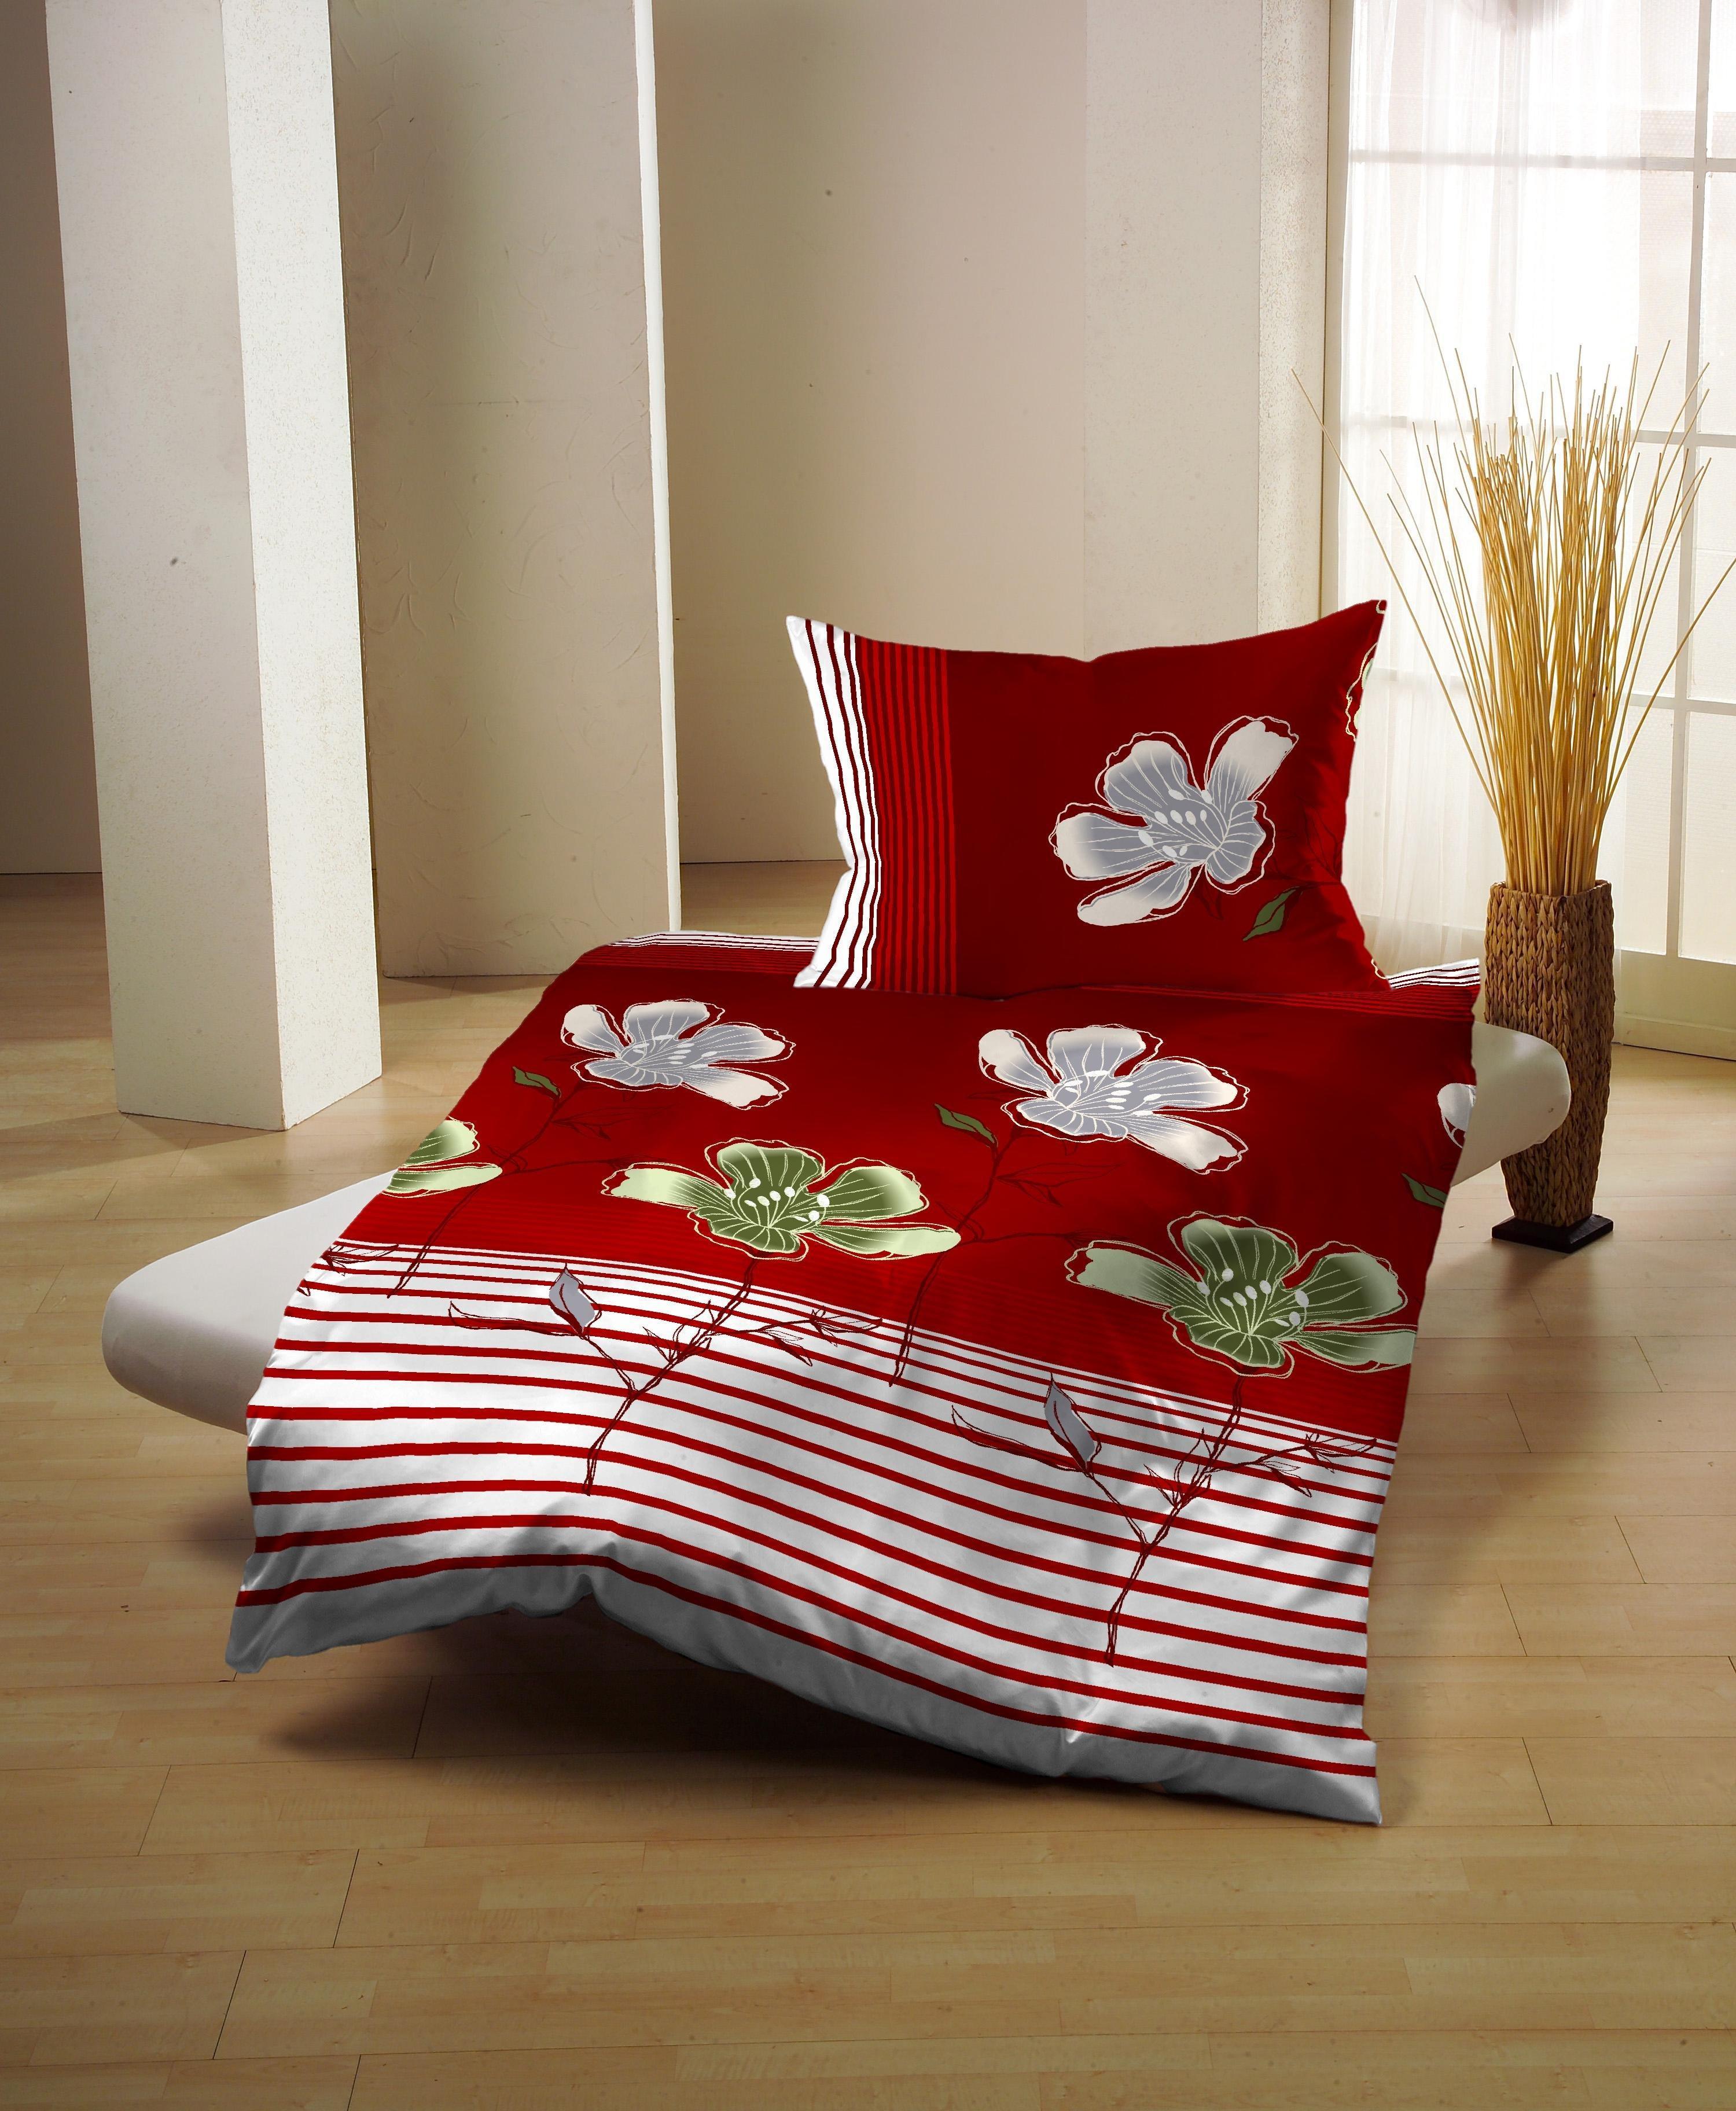 bettw sche gerald wittmann 2tlg kaufen bei otto. Black Bedroom Furniture Sets. Home Design Ideas